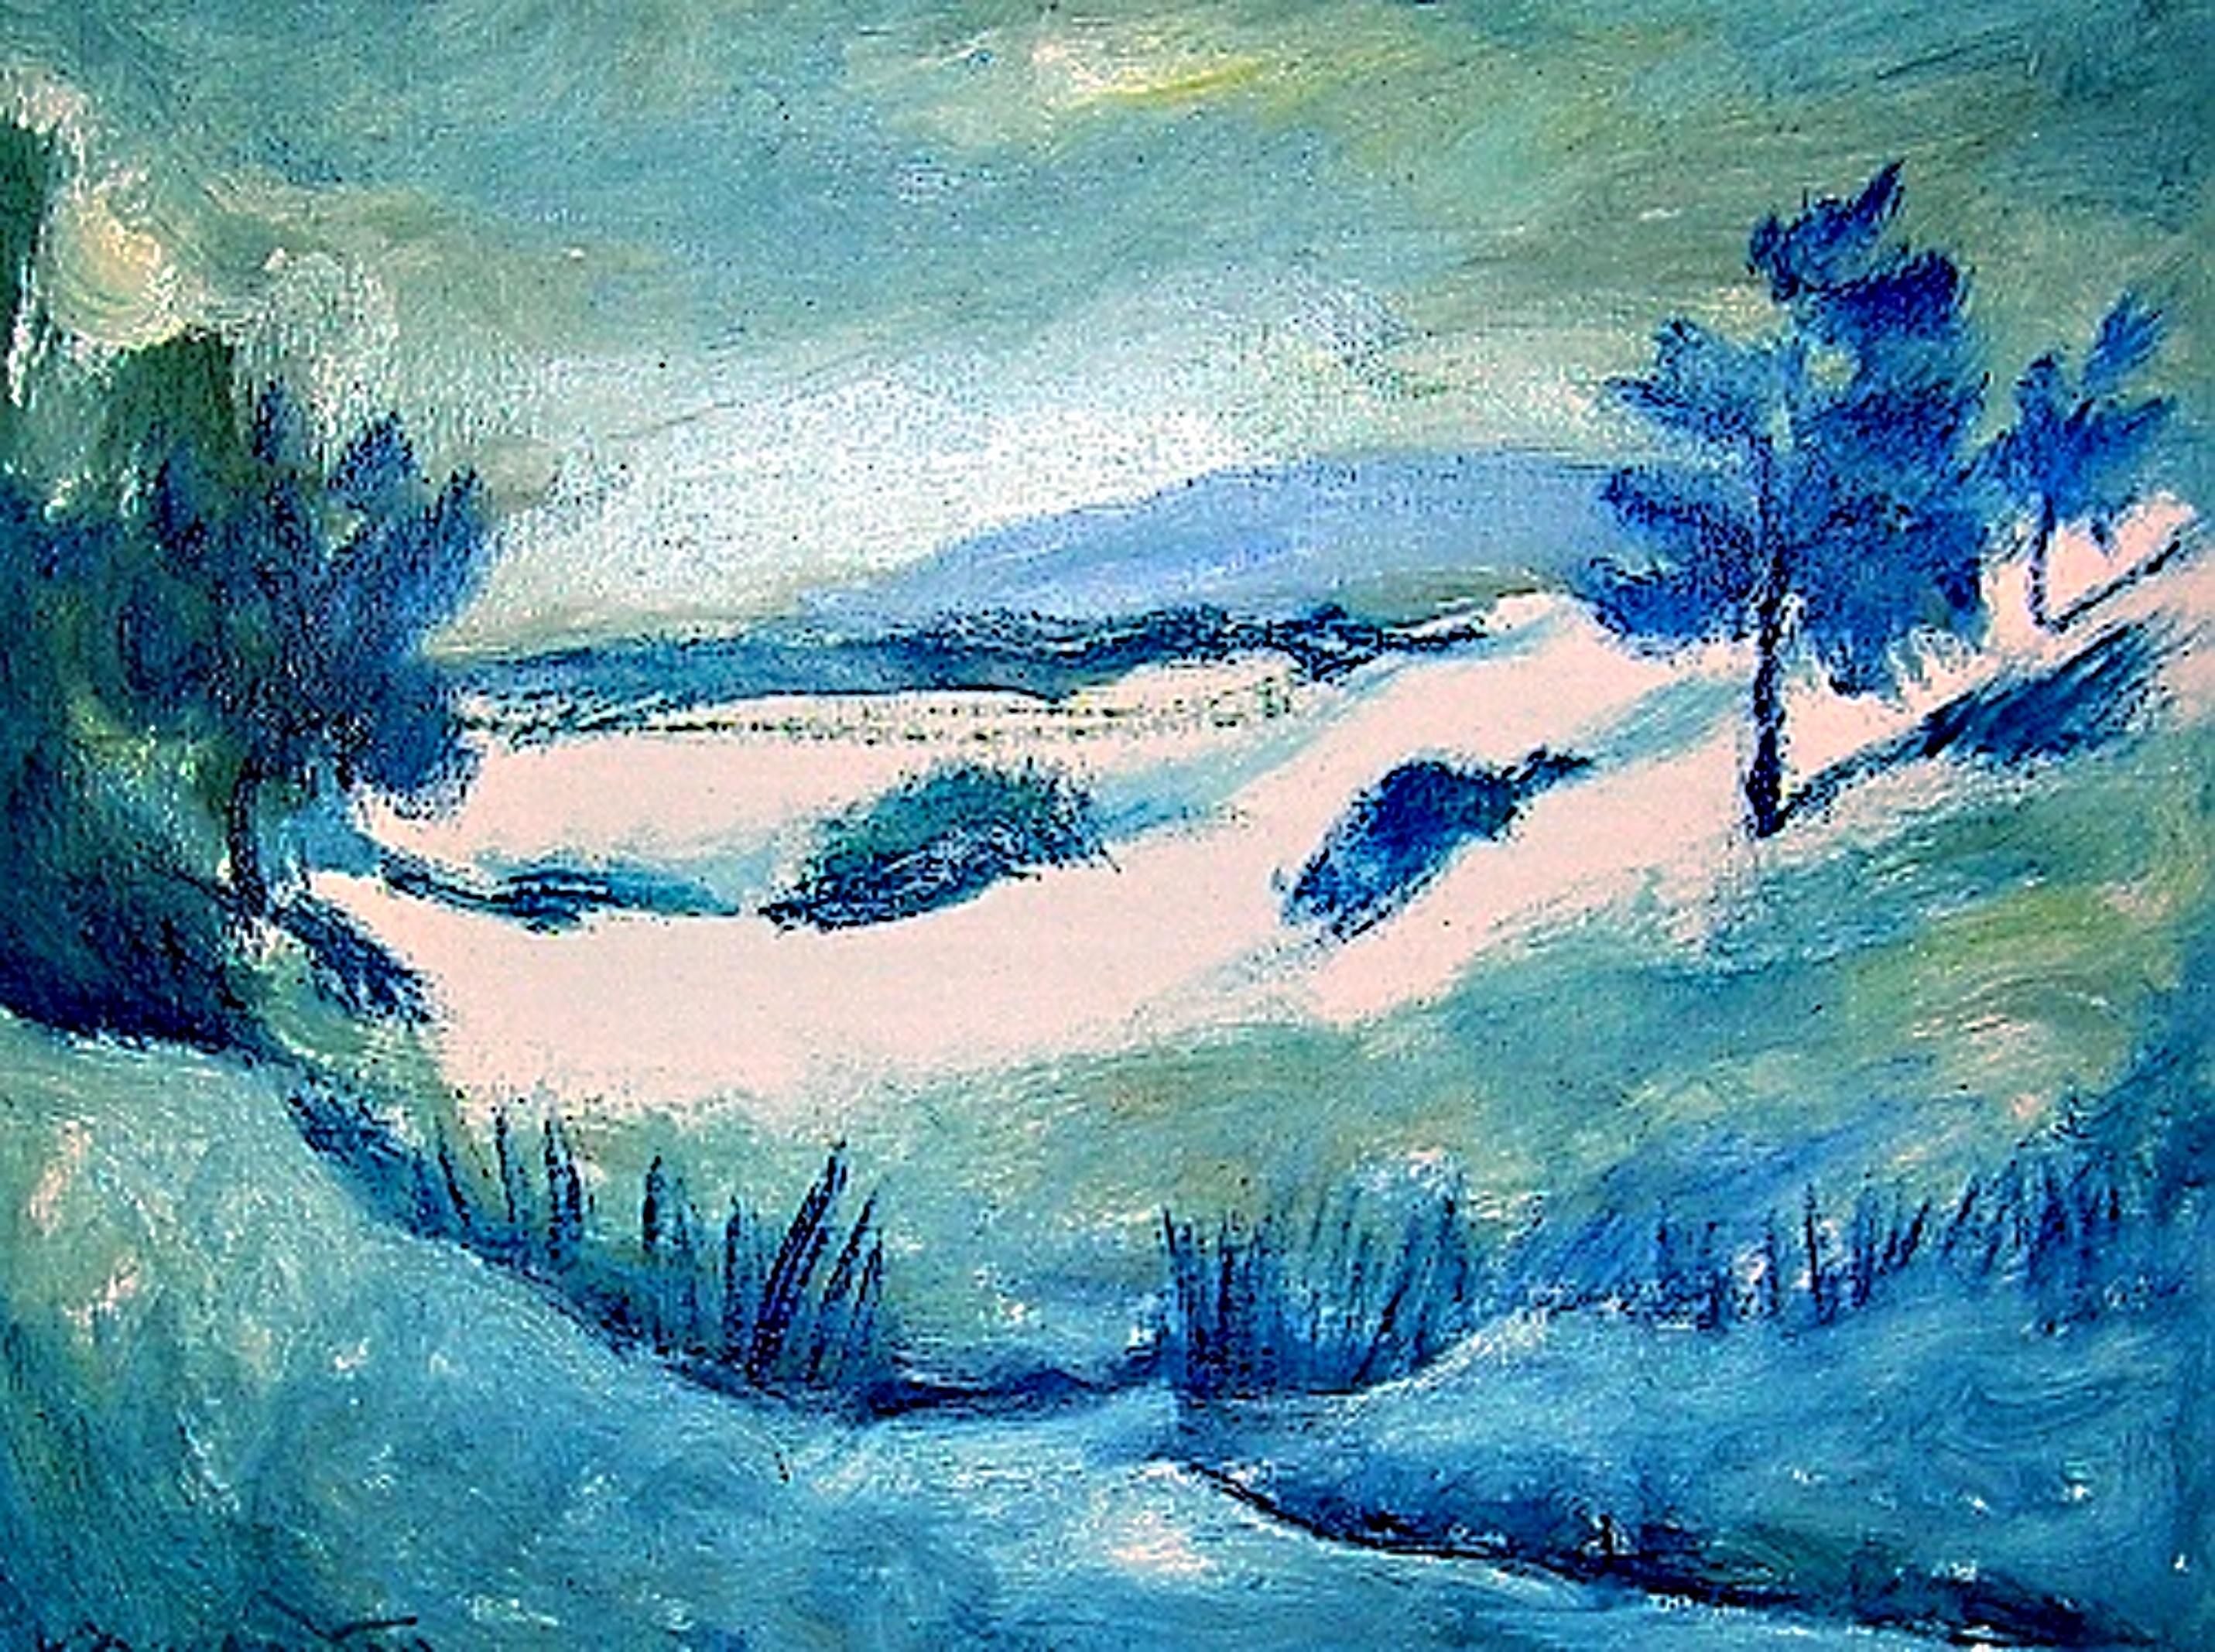 Vlastimil Toman: Údolí, olej na plátně, 60 x 80 cm, 2008. Foto: Jan Dočekal.